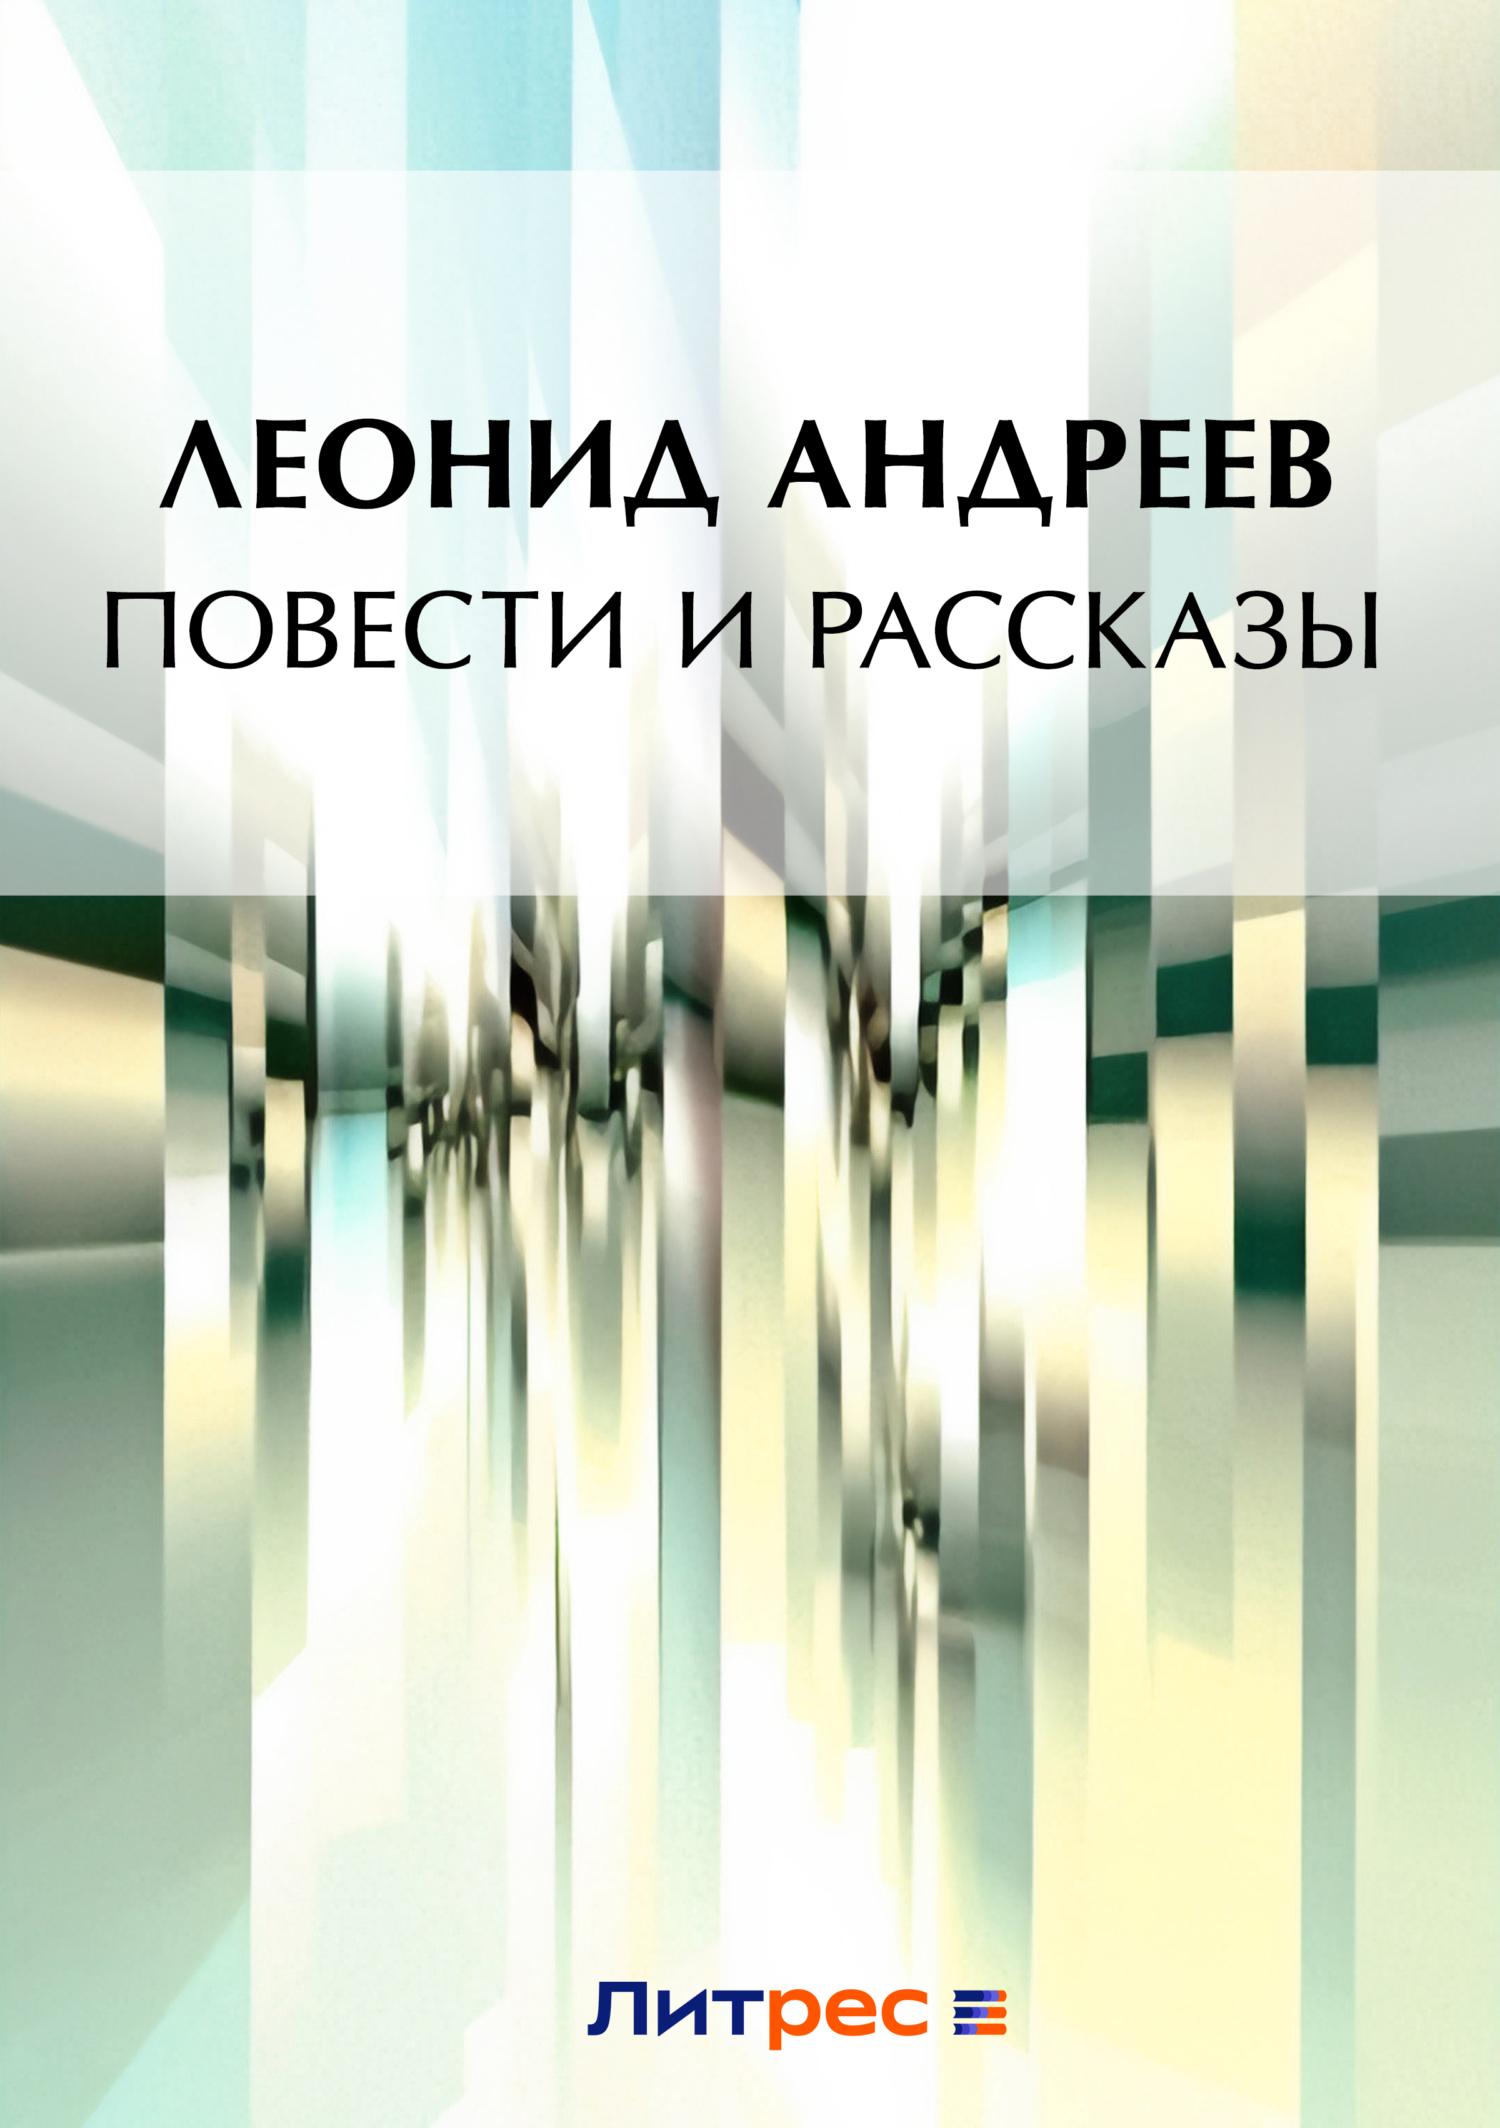 Фото - Леонид Андреев Повести и рассказы (сборник) андреева г м